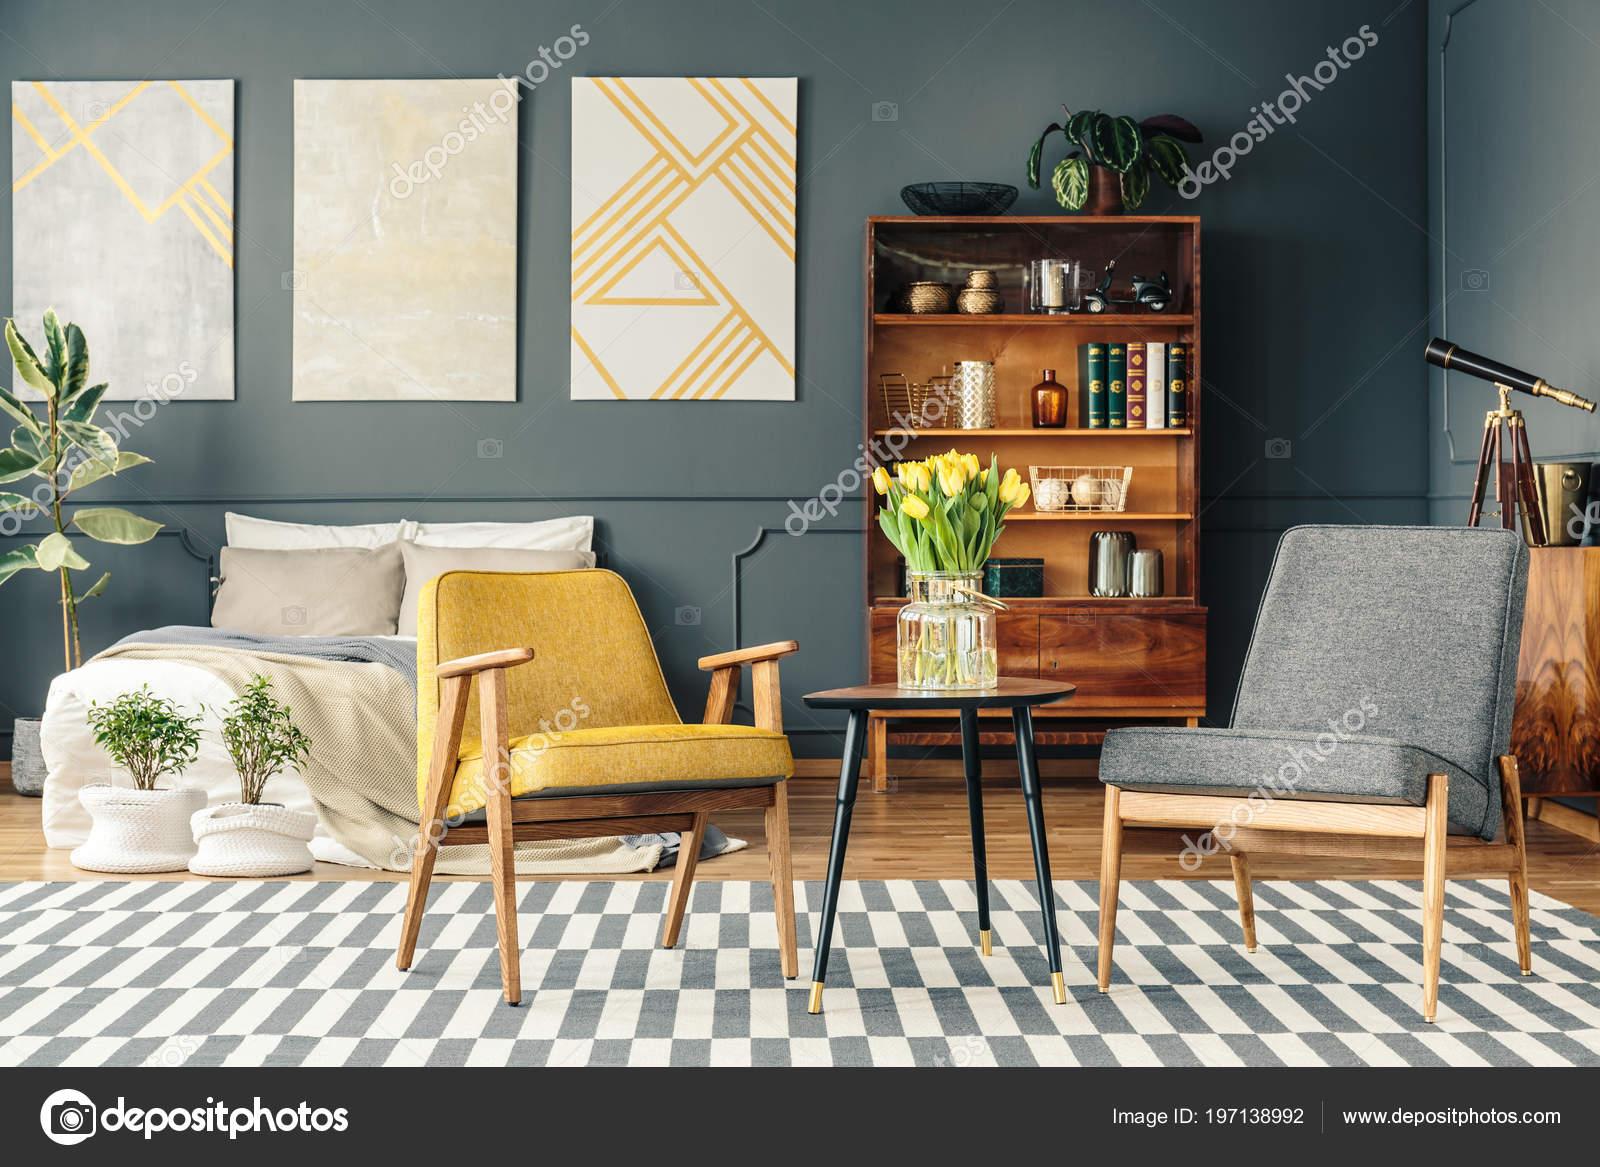 Retro slaapkamer interieur met posters boven bed planten